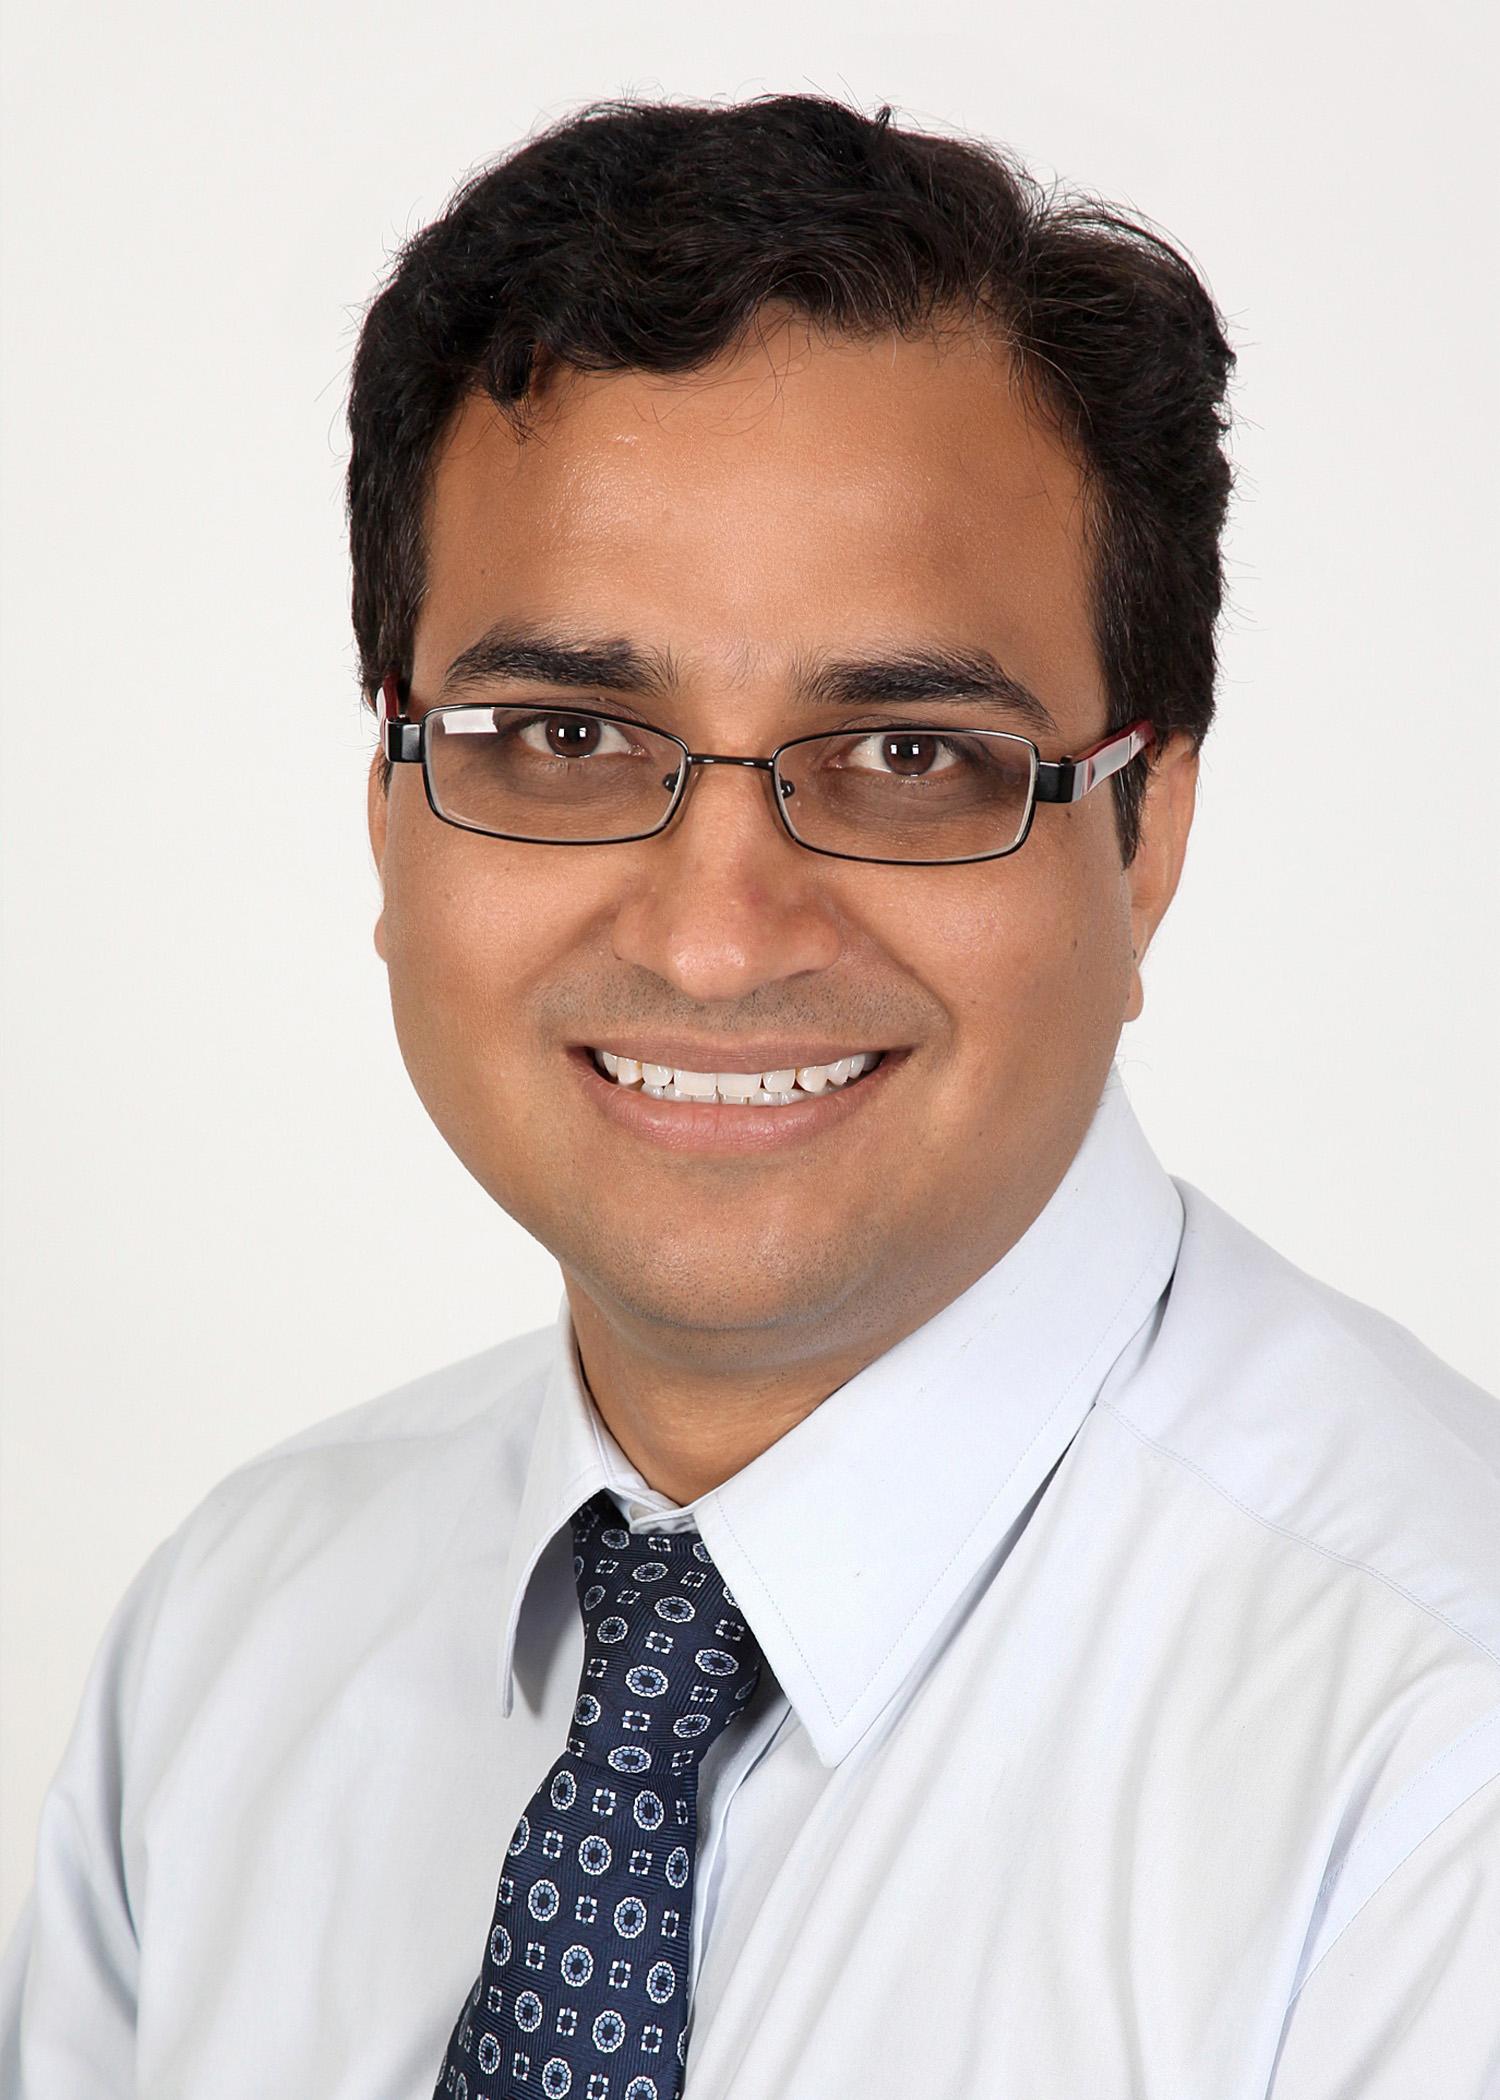 Dr. Vinay Sharma